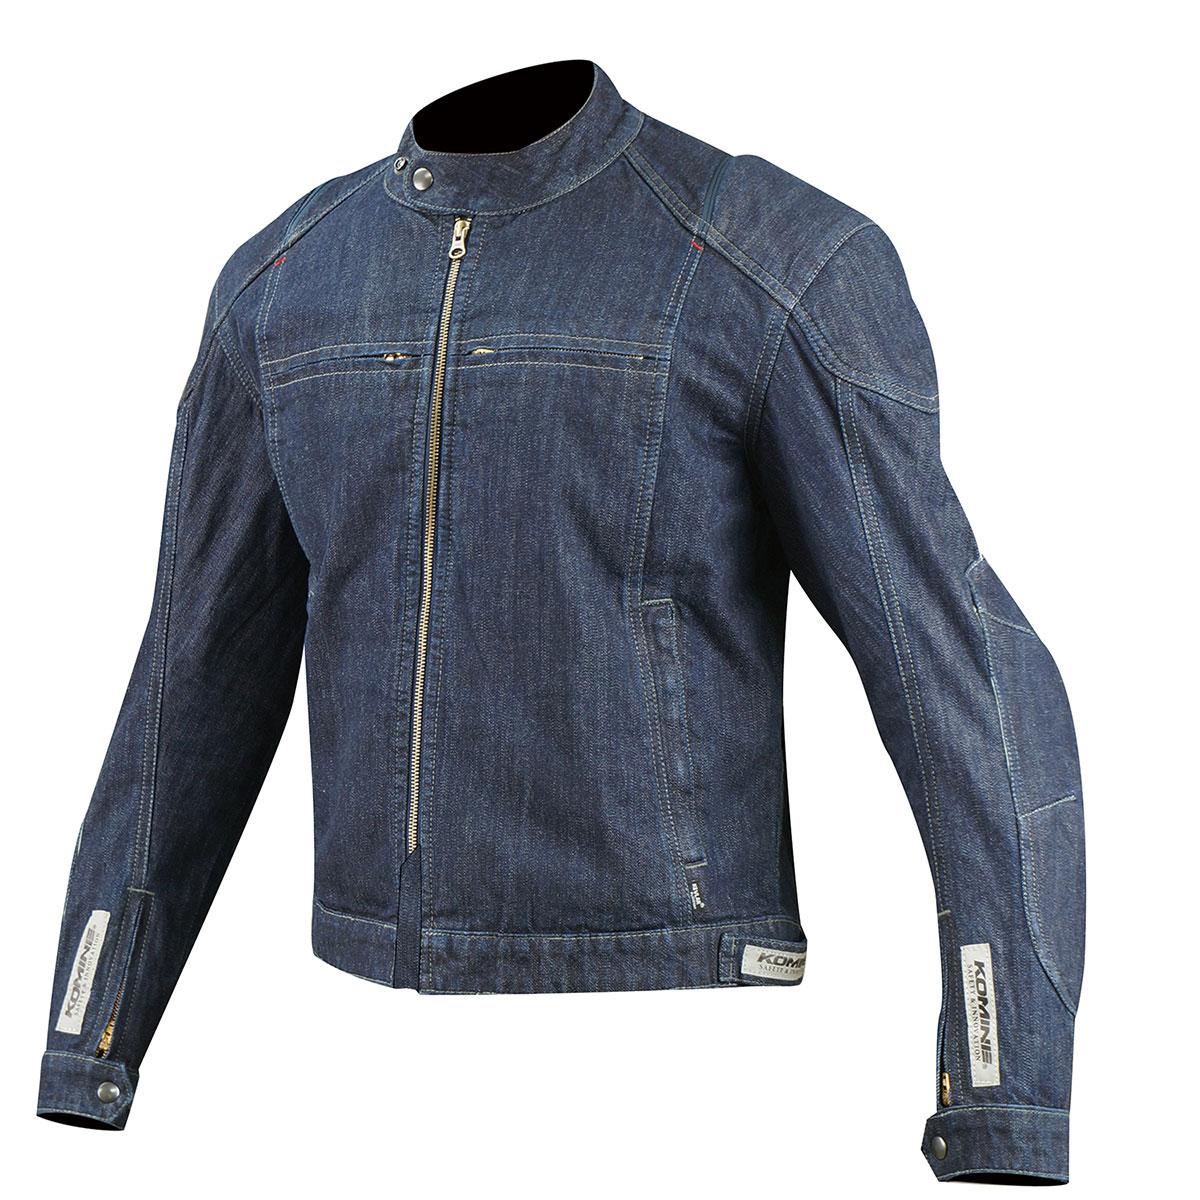 コミネ (Komine) バイク用 ジャケット Jacket JK-077 KV デニムジャケット インディゴ ブルー Lサイズ 07-077/BL/L